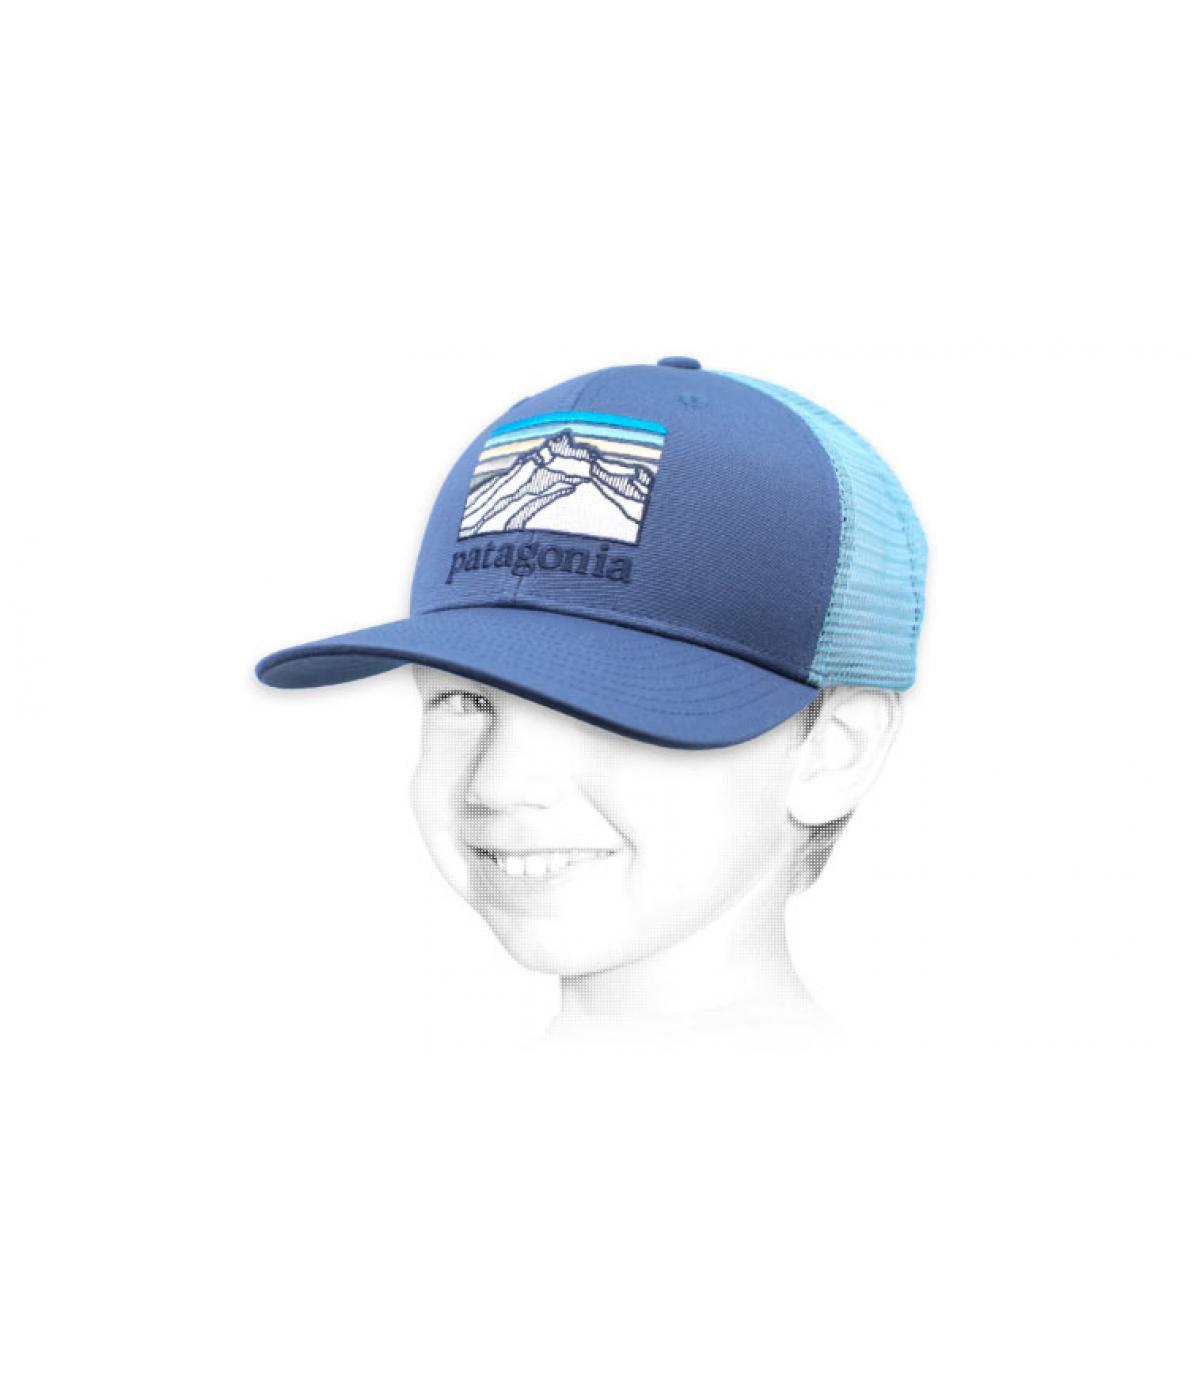 blauwe Patagonië kind trucker